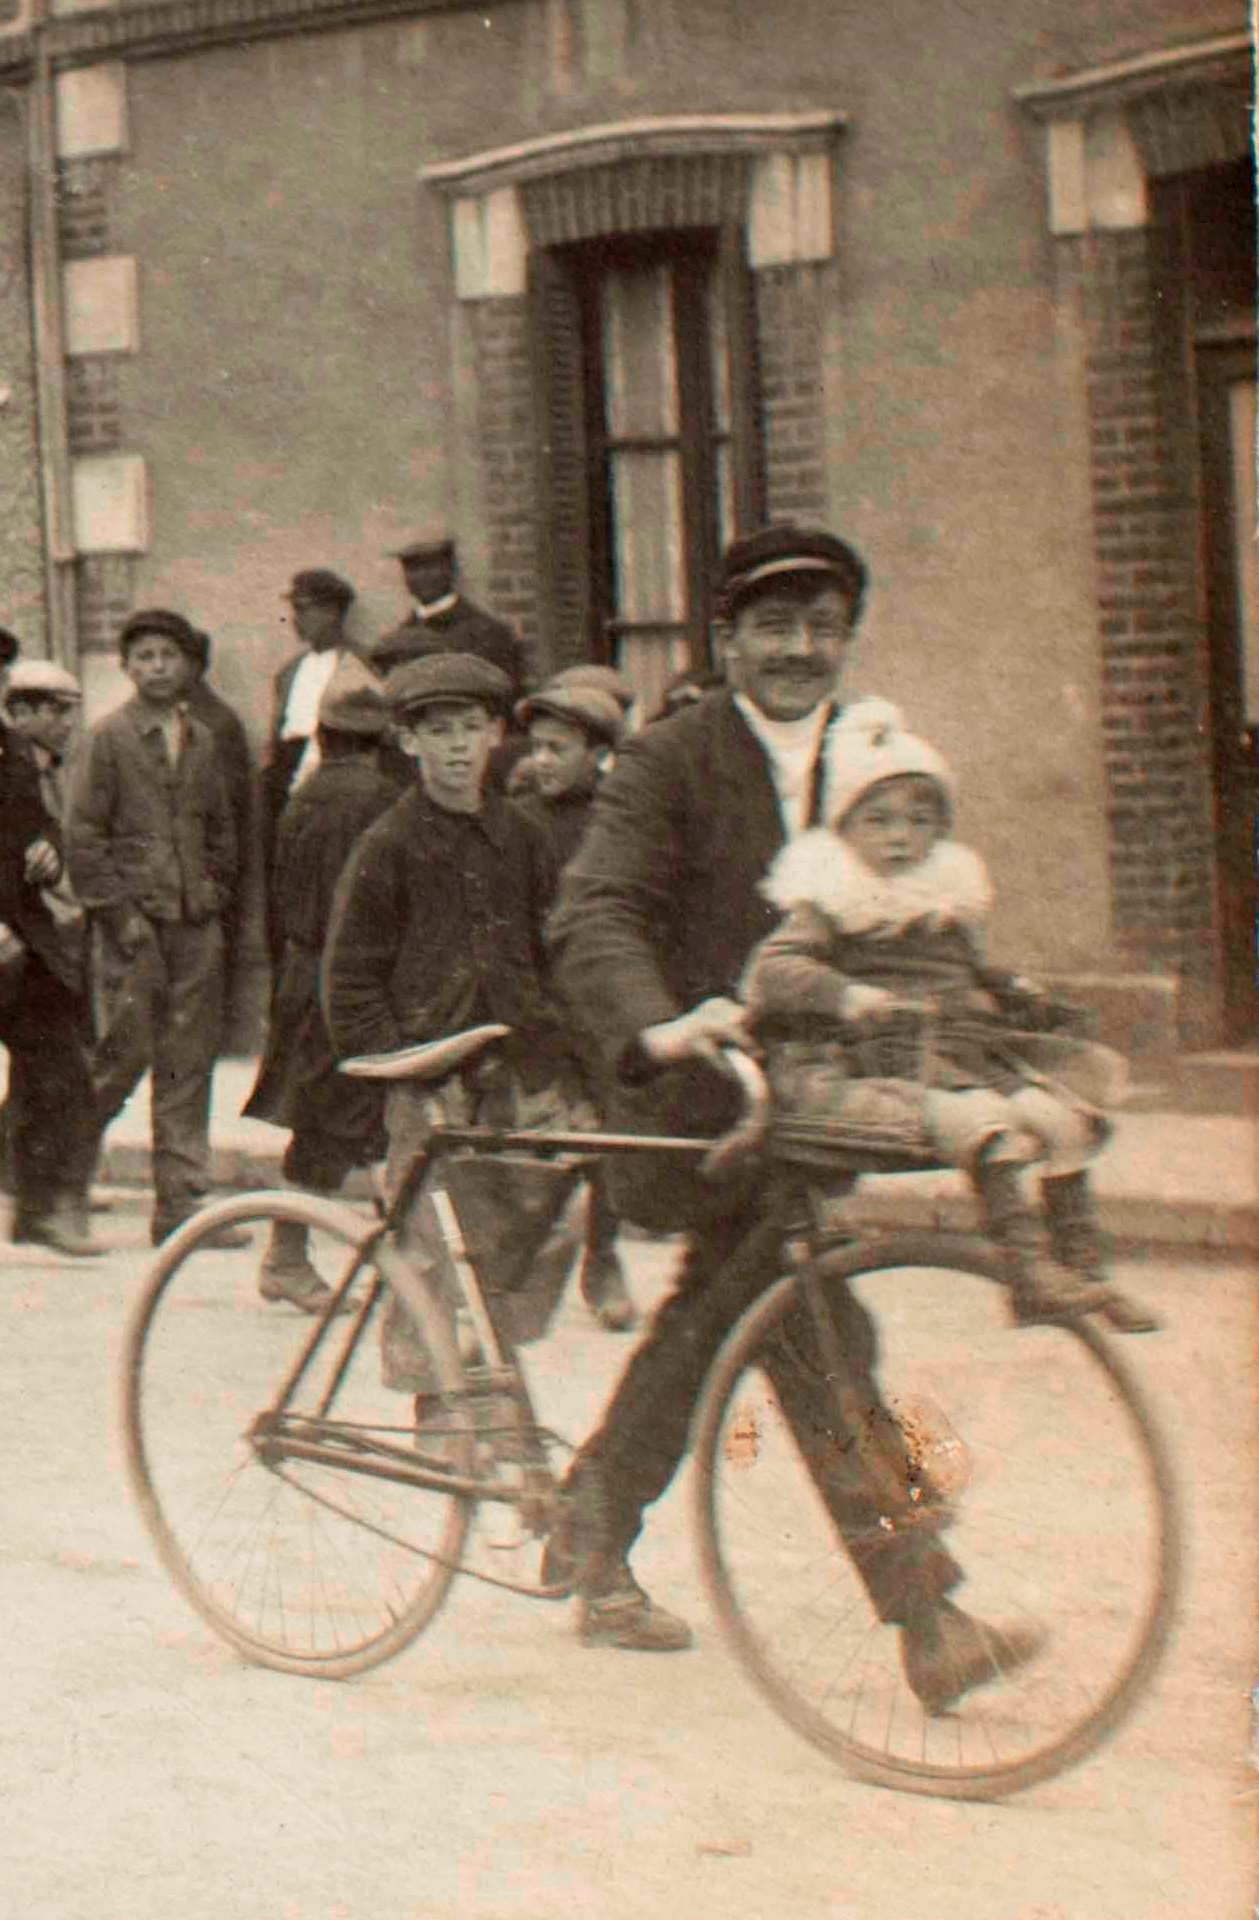 1er mai 1920 CGT Unitaire au centre en blanc Mme Poulain - avec la bicyclette Marcel Cudorge et son fils Marcel - Coll B. Colin -